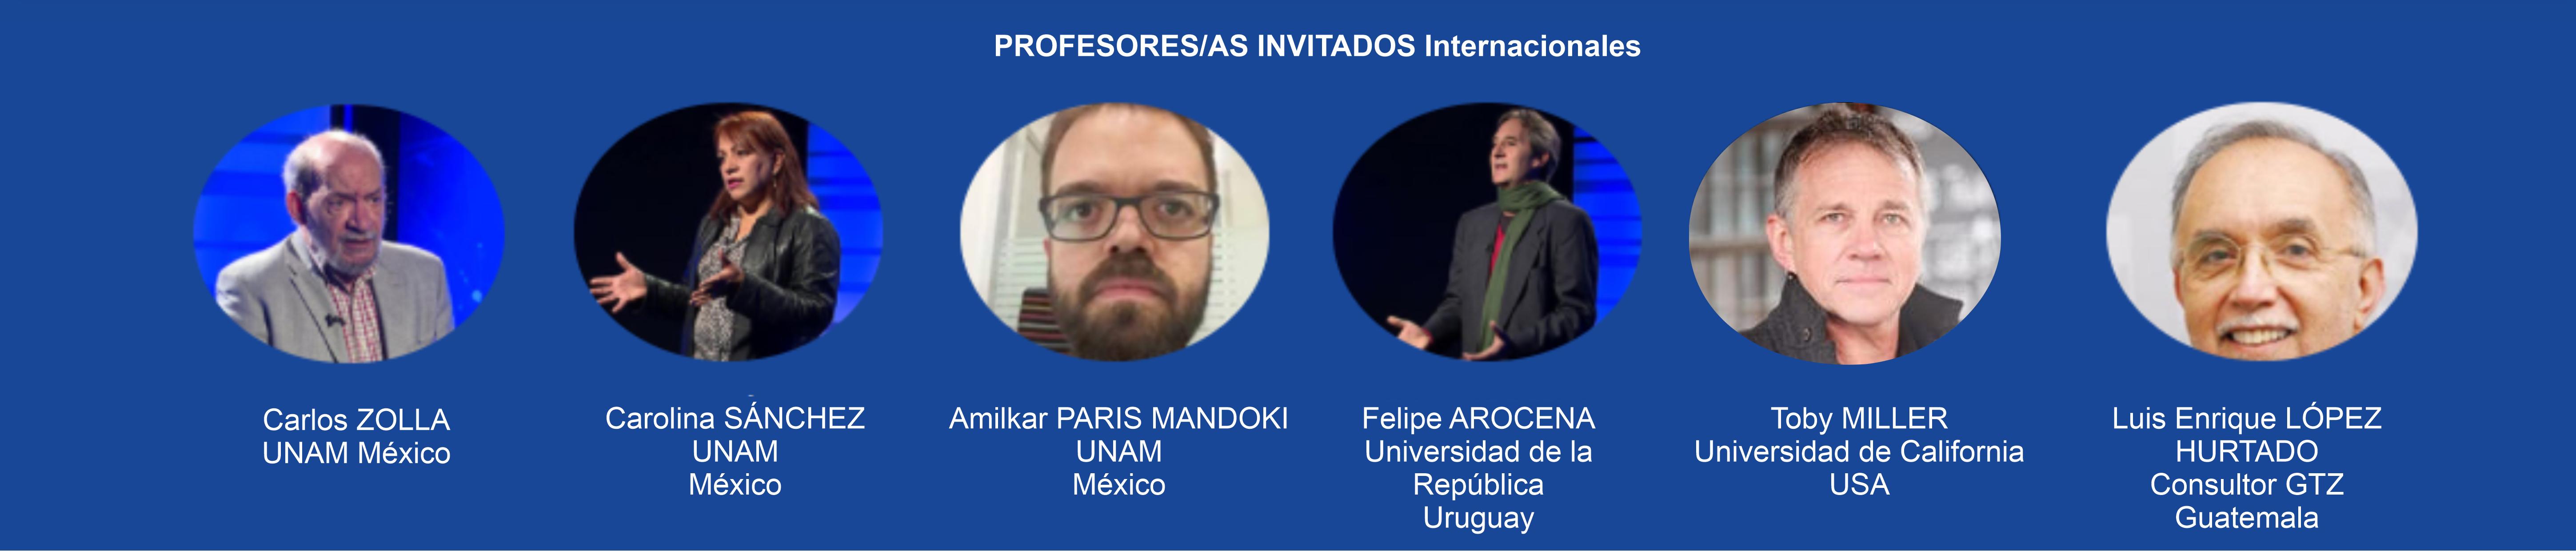 profesores-internacionales-2-2